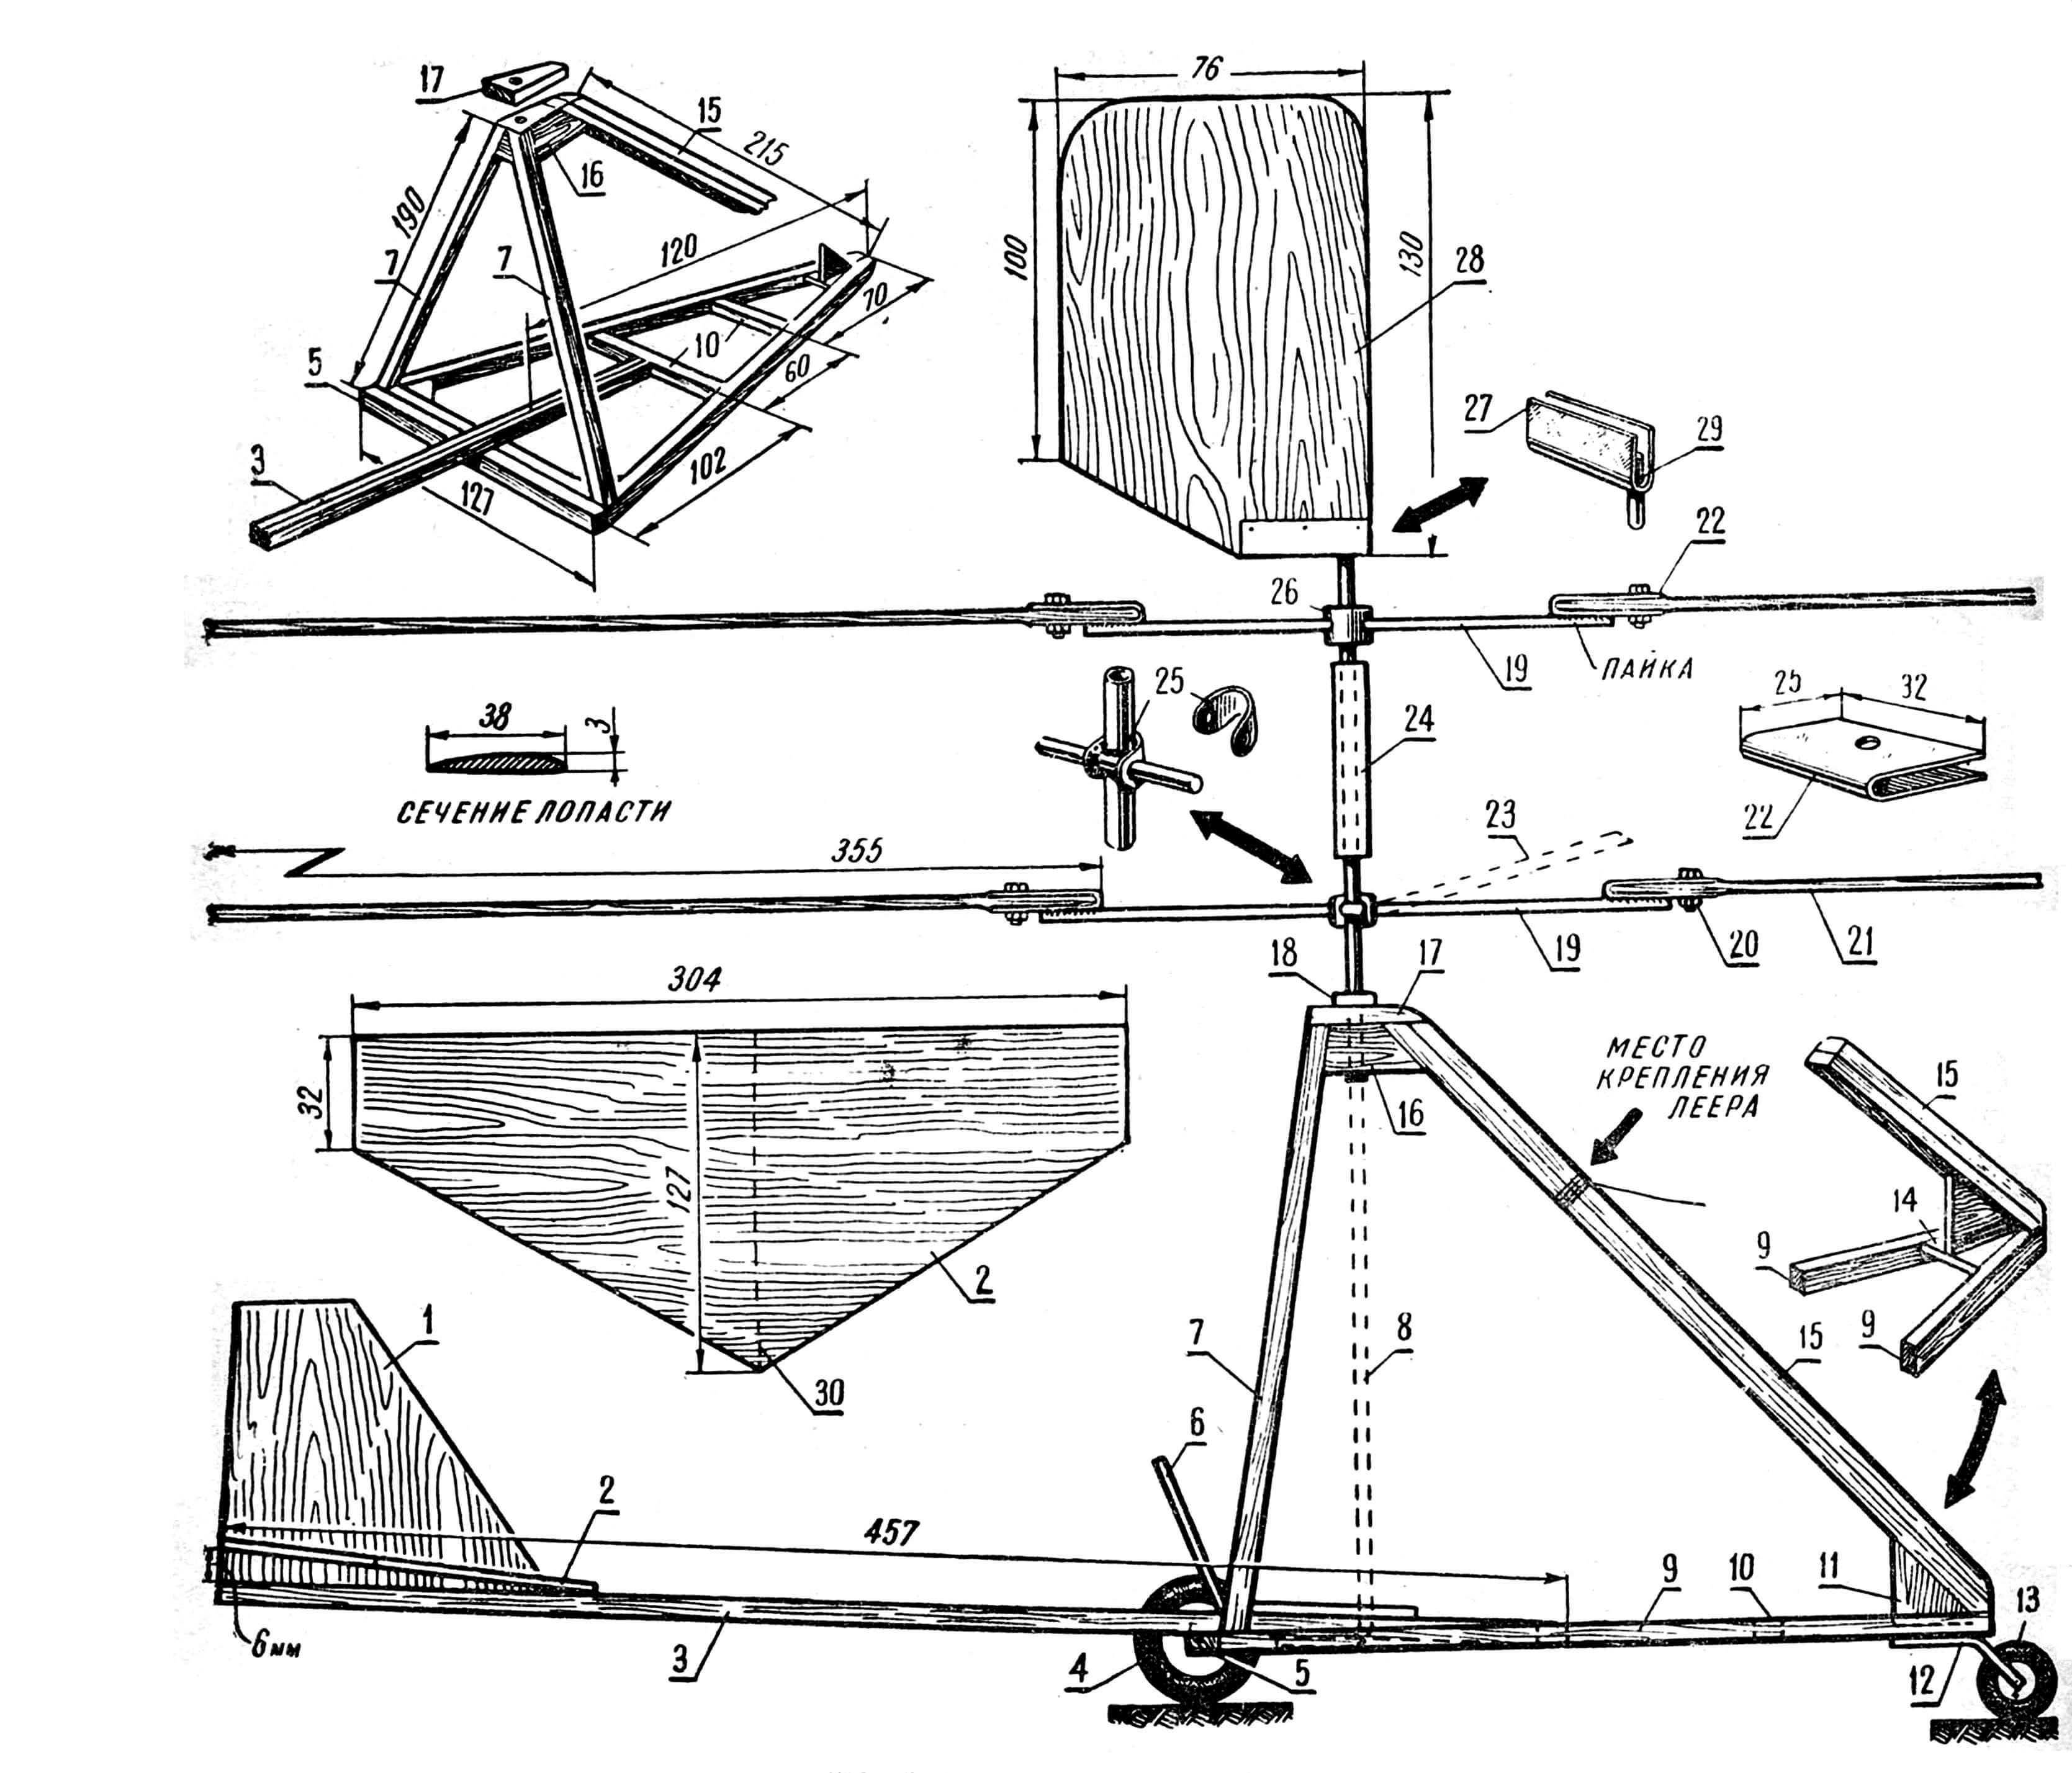 1 — киль ; 2 — стабилизатор; 3 — хвостовая балка; 4 — колесо (ᴓ 30 мм); 5 — поперечная планка кабины; 6 — рейка для крепления балансировочного груза; 7 — рейка; 8 — вертикальная ось несущих винтов; 9 — рейка; 10 — перекладины; 11 и 14 — угольники; 12 — кронштейн колеса; 13 — колесо (ᴓ 20 мм); 15 — рейка; 16 — угольник; 17 — накладка; 18 — шайба; 19 — продольная ось несущих винтов; 20 — болт крепления лопасти; 21 — лопасти несущих винтов; 22 — зажим для крепления лопасти винта; 23 — положение лопасти после сборки отогнуто; 24 — трубка из пластмассы или тонкого тростника; 25, 26 — муфты для крепления винта; 27 — жестяной зажим киля; 28 — киль; 29 — место припайки вертикальной оси; 30 — линия сгиба стабилизатора.